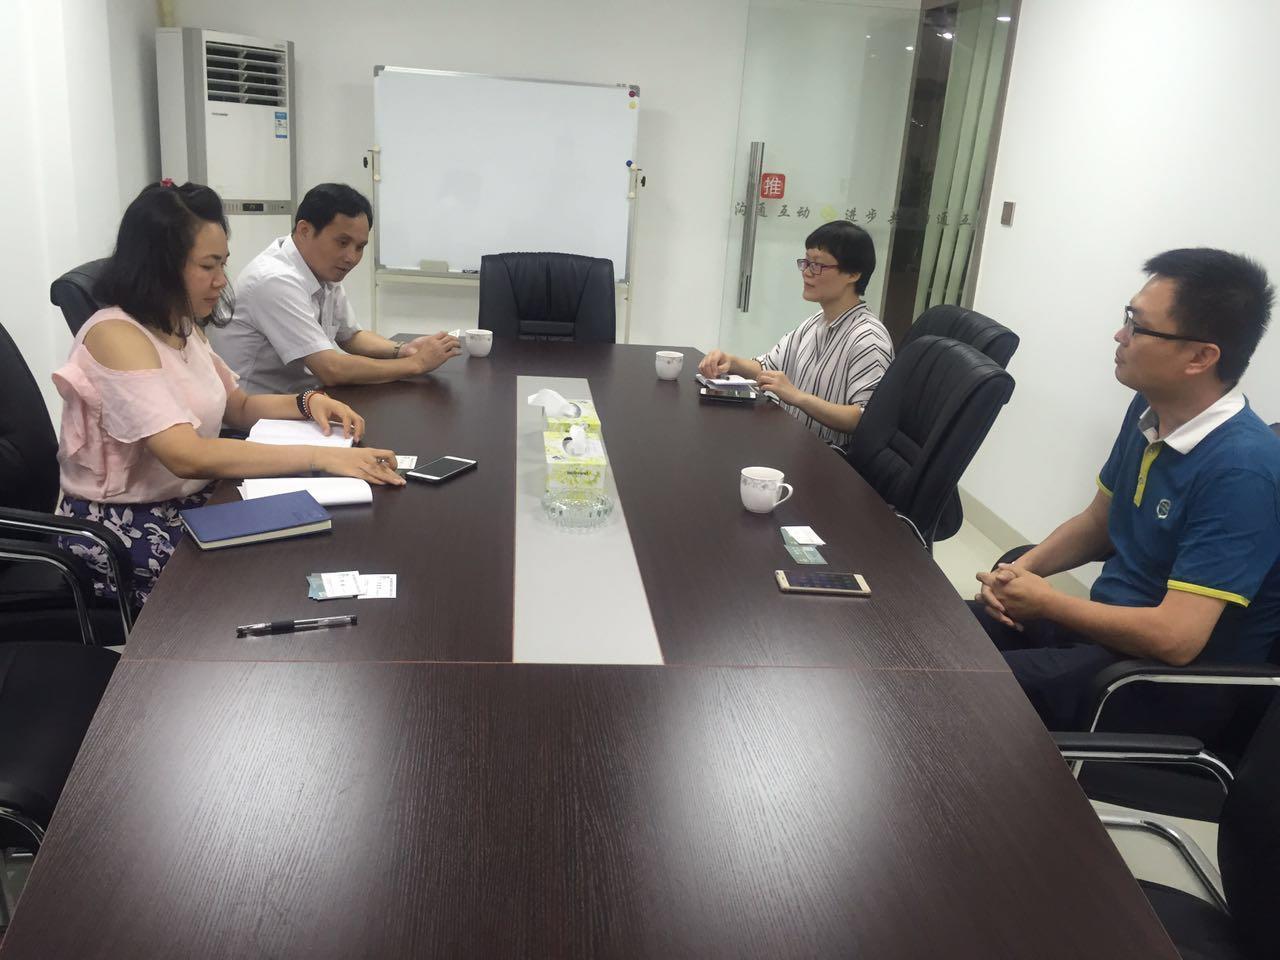 【工作会议】陈村镇人社局到访协会